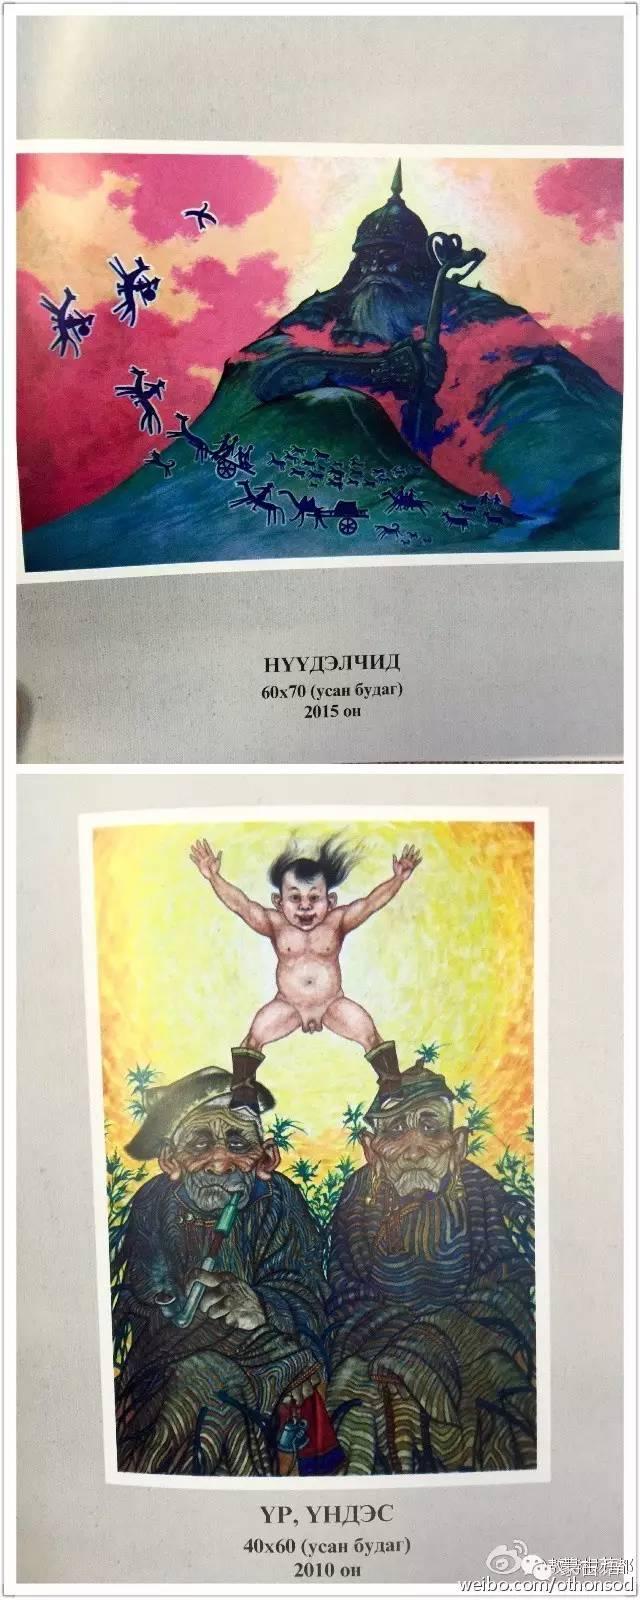 【美图】蒙古画家都仁图古斯作品欣赏 第4张